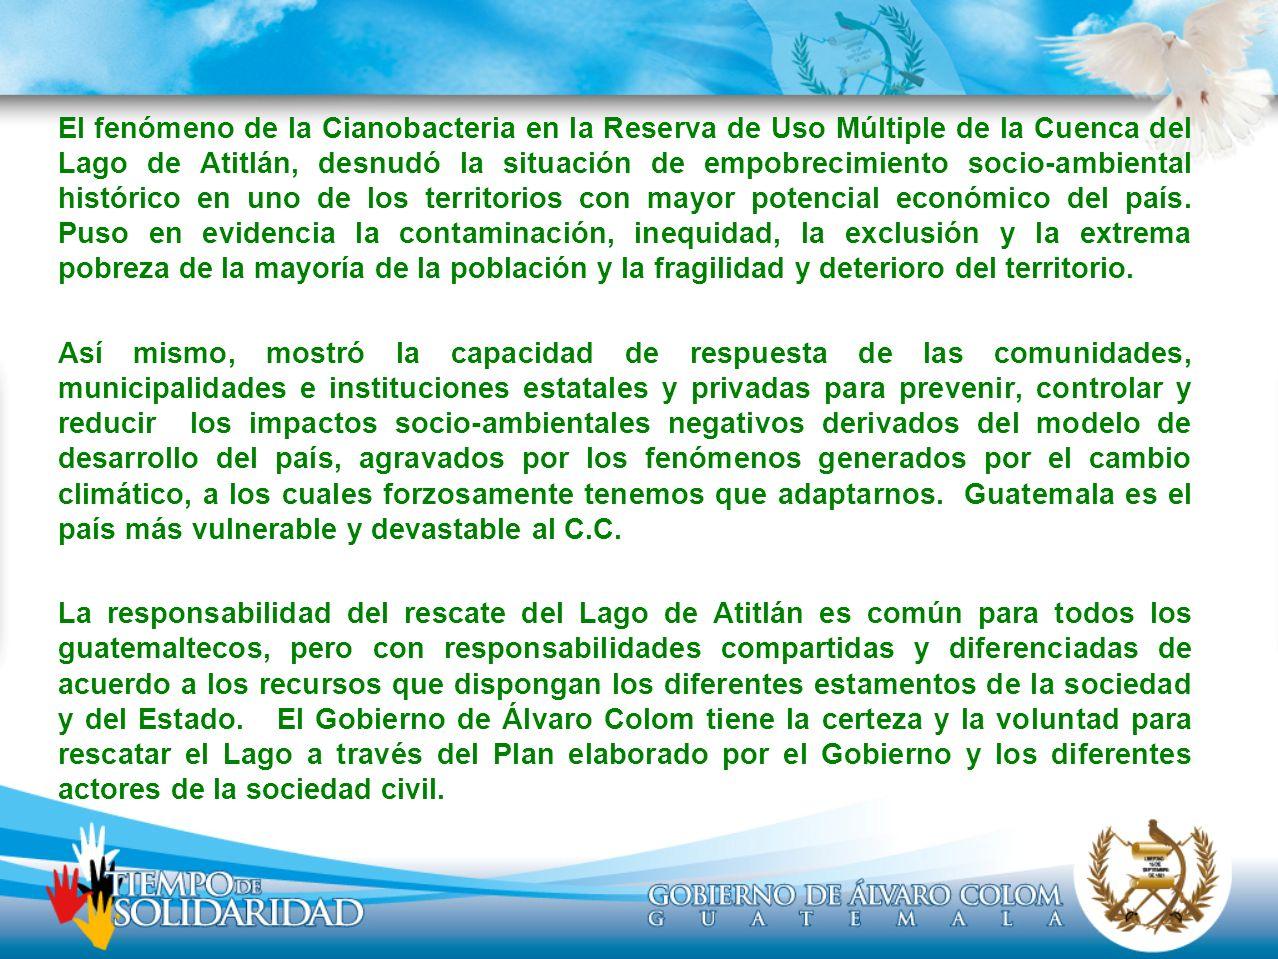 Antecedentes (1/2) El problema de la presencia de algas en la Reserva de Uso Múltiple de la Cuenca del Lago de Atitlán, como la Cianobacteria, es resultado de la acumulación de impactos socio-ambientales negativos provocados por el mal uso y manejo de los bienes y servicios naturales a lo largo del tiempo en la Cuenca del Lago.